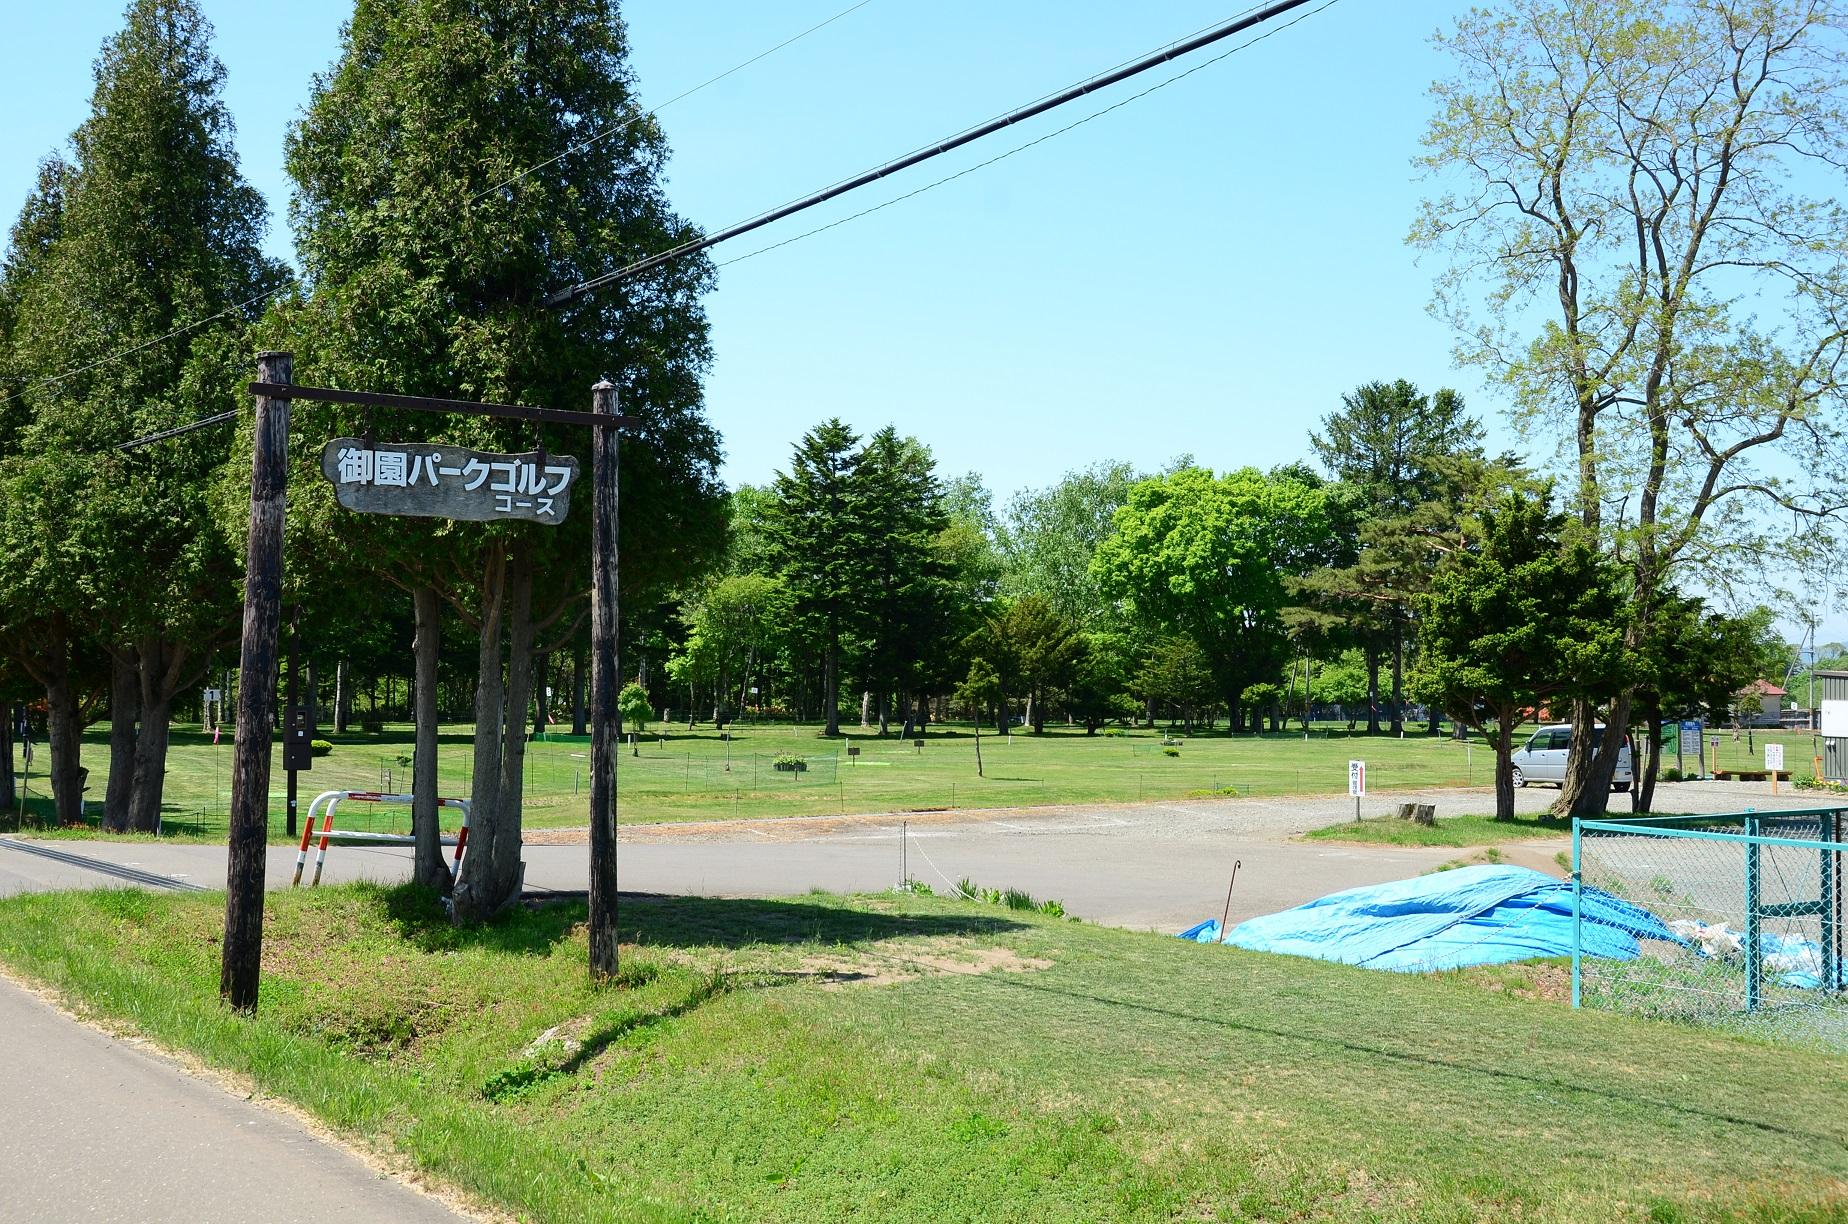 御園パークゴルフコース